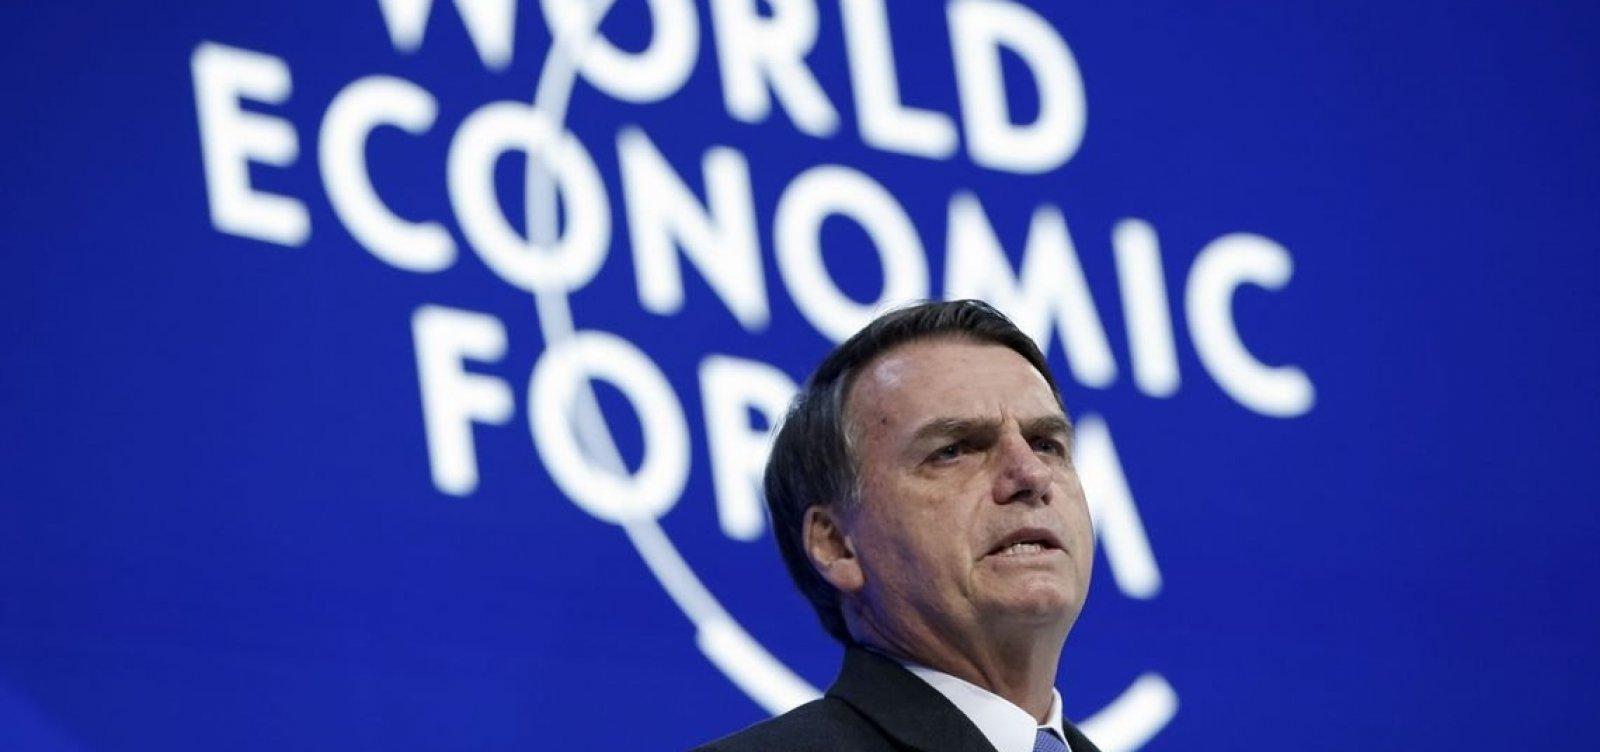 Após Bolsonaro assumir presidência, otimismo com economia cai